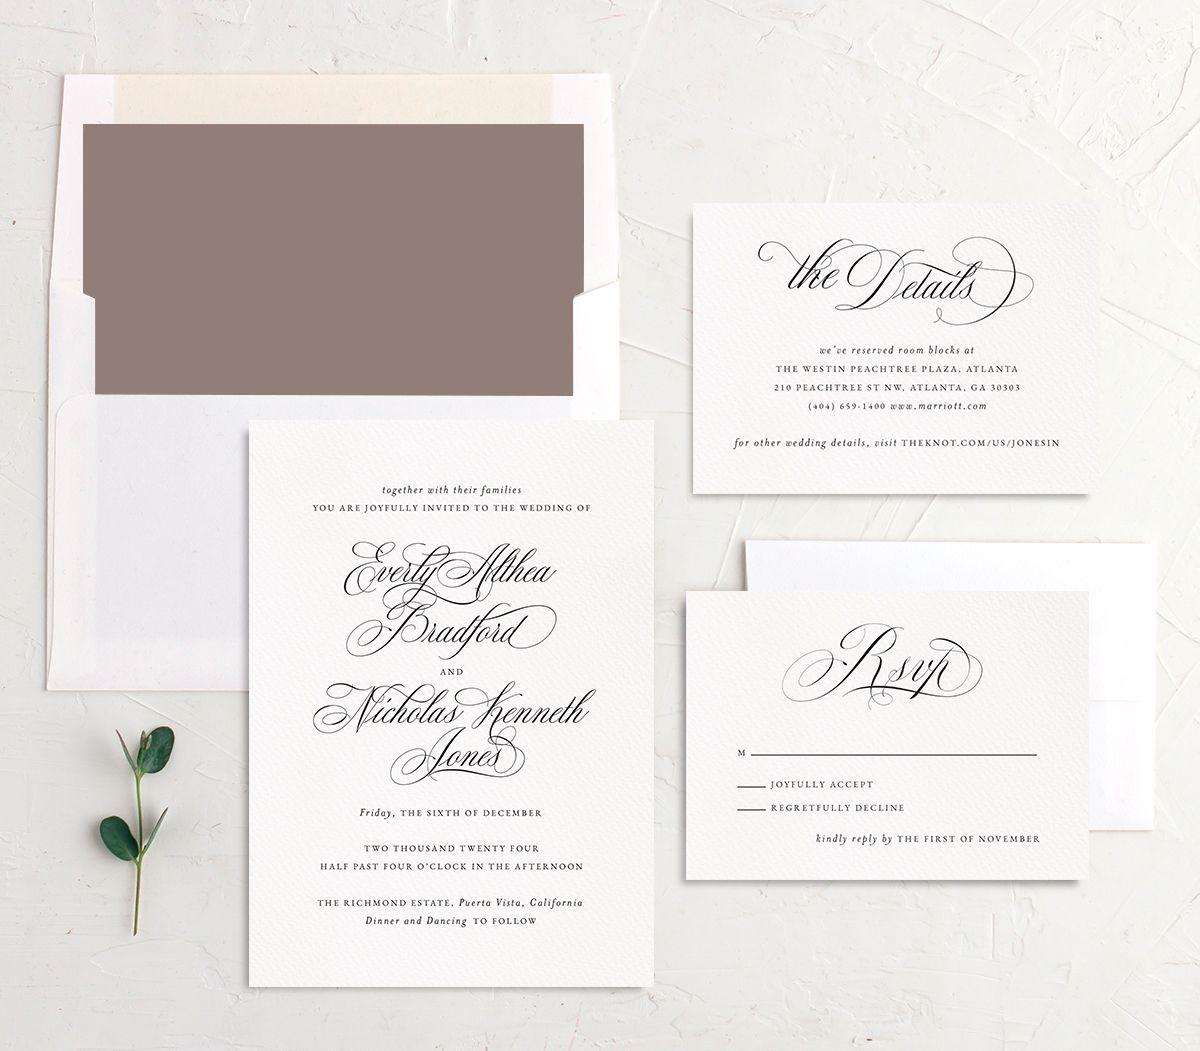 Exquisite Calligraphy Wedding Invitation suite in white